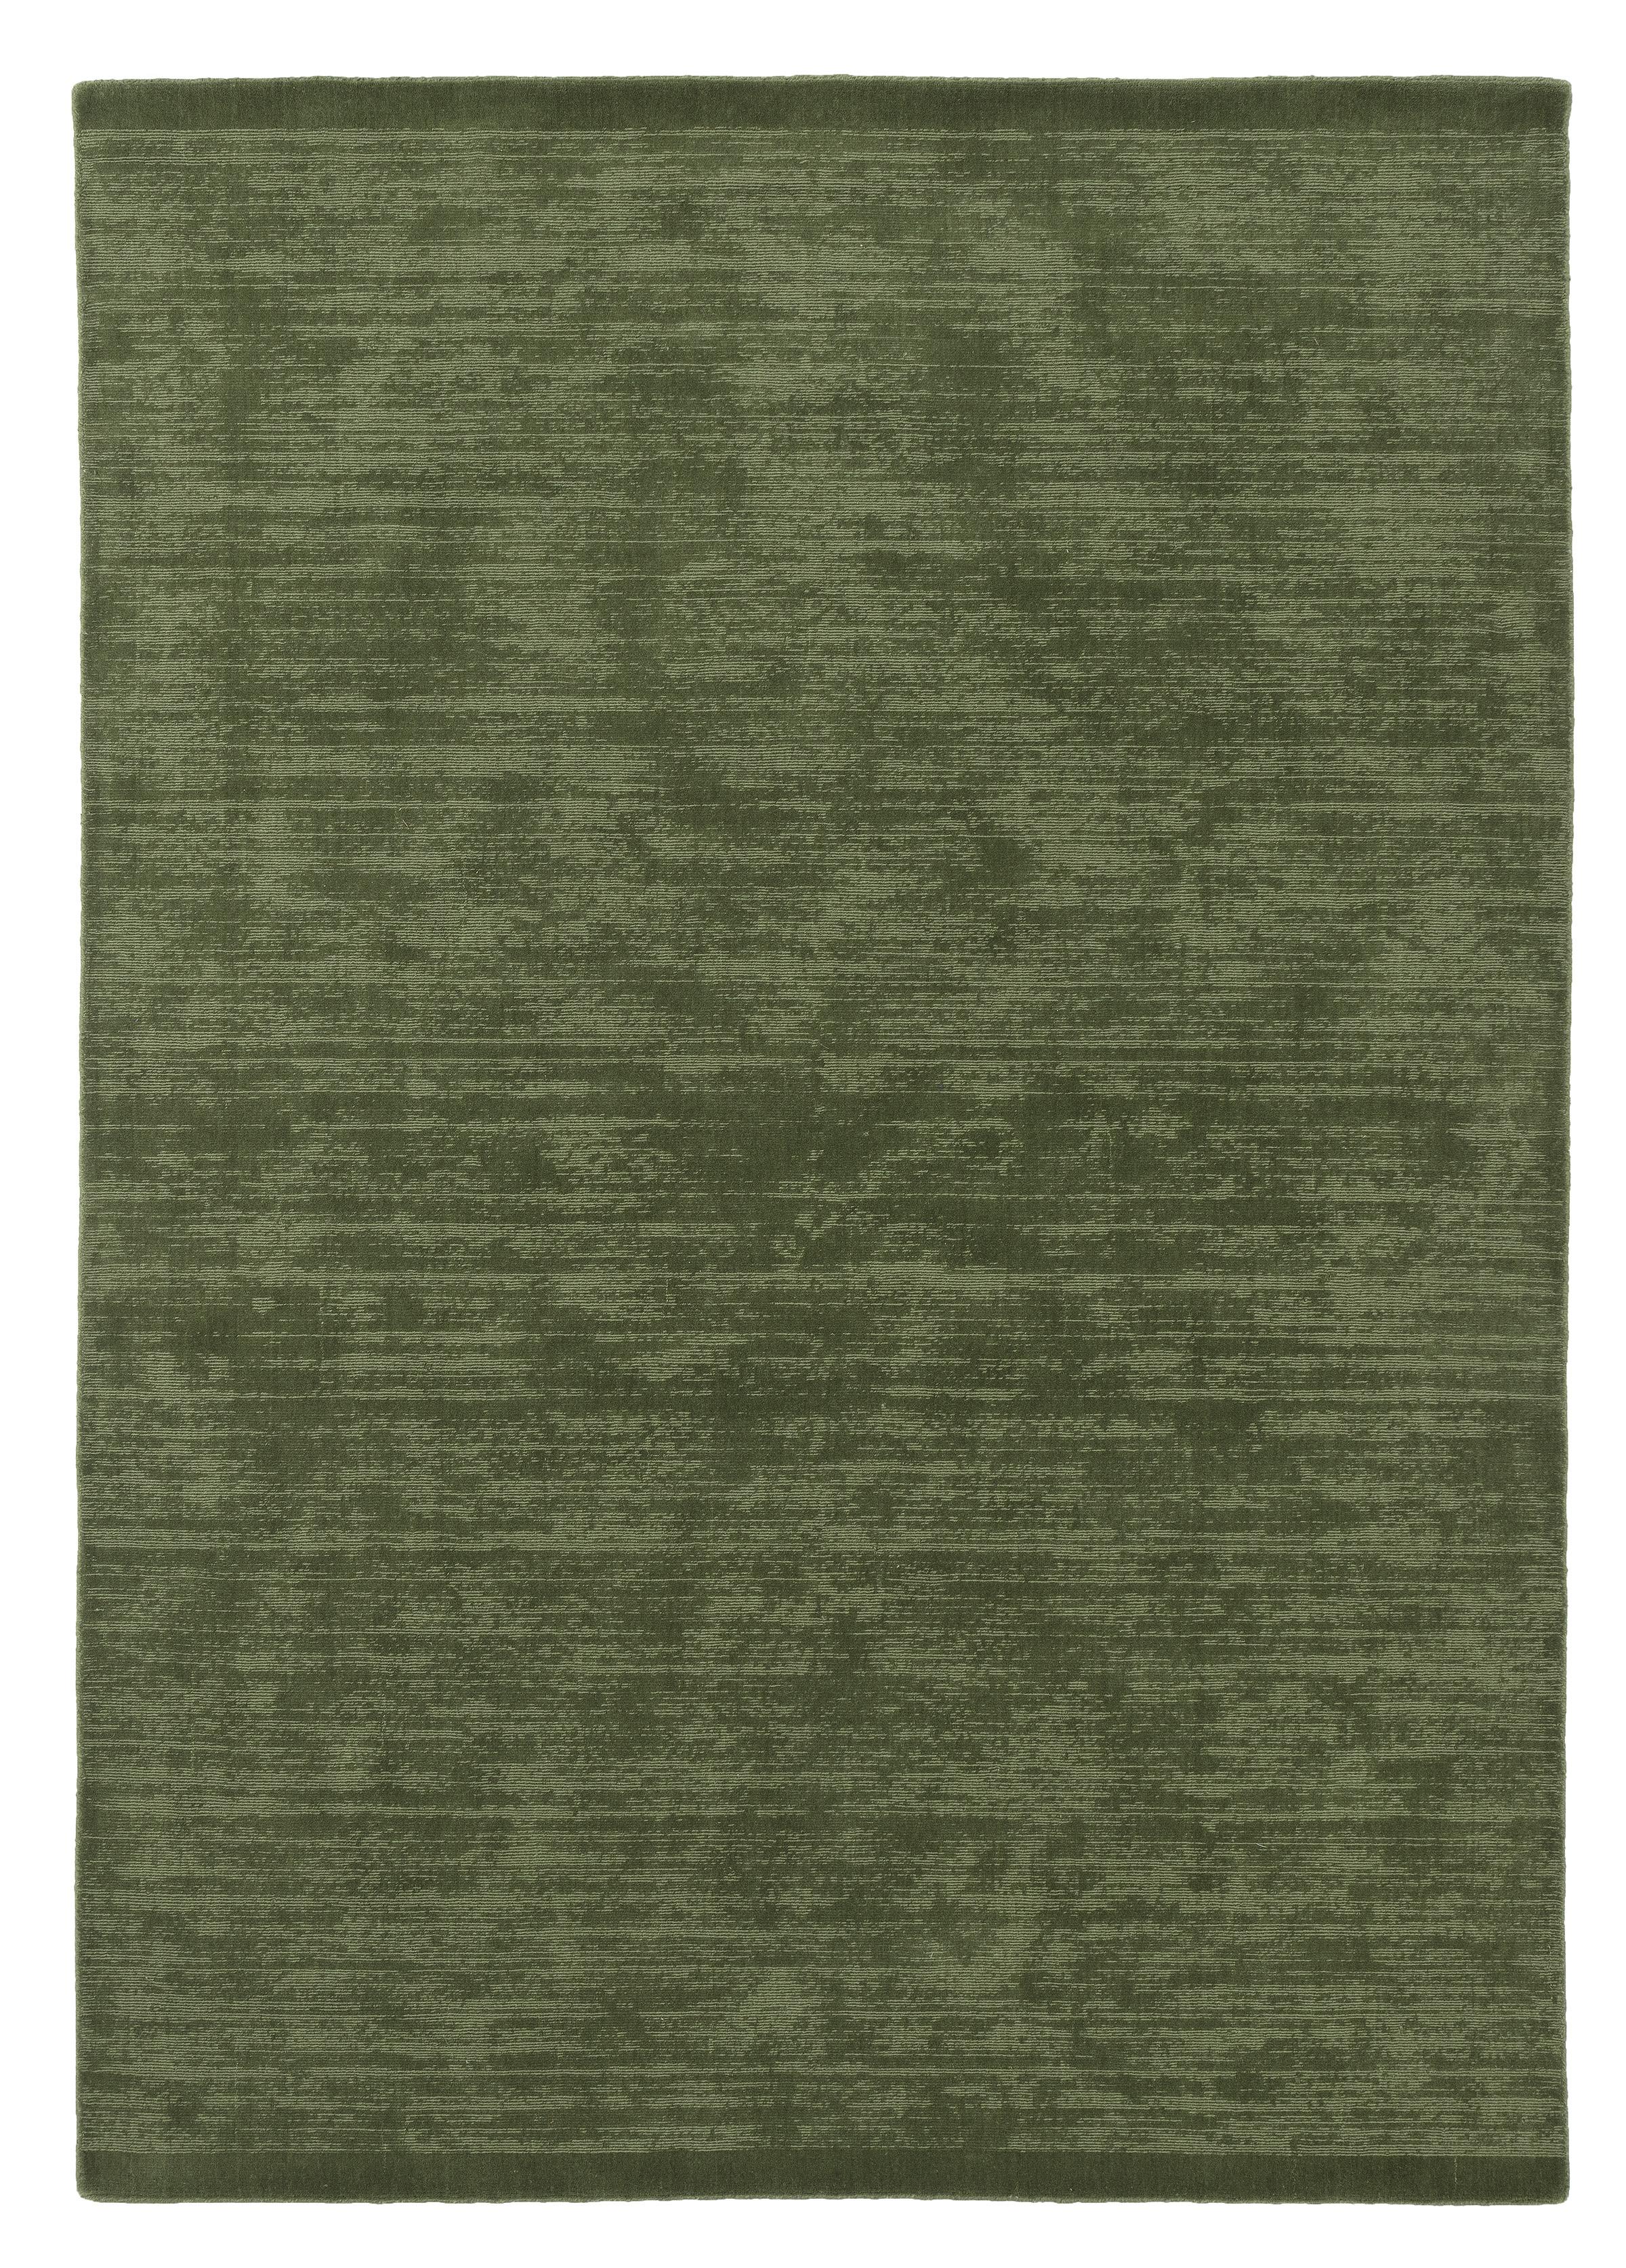 Loke 3737 Dusty Green